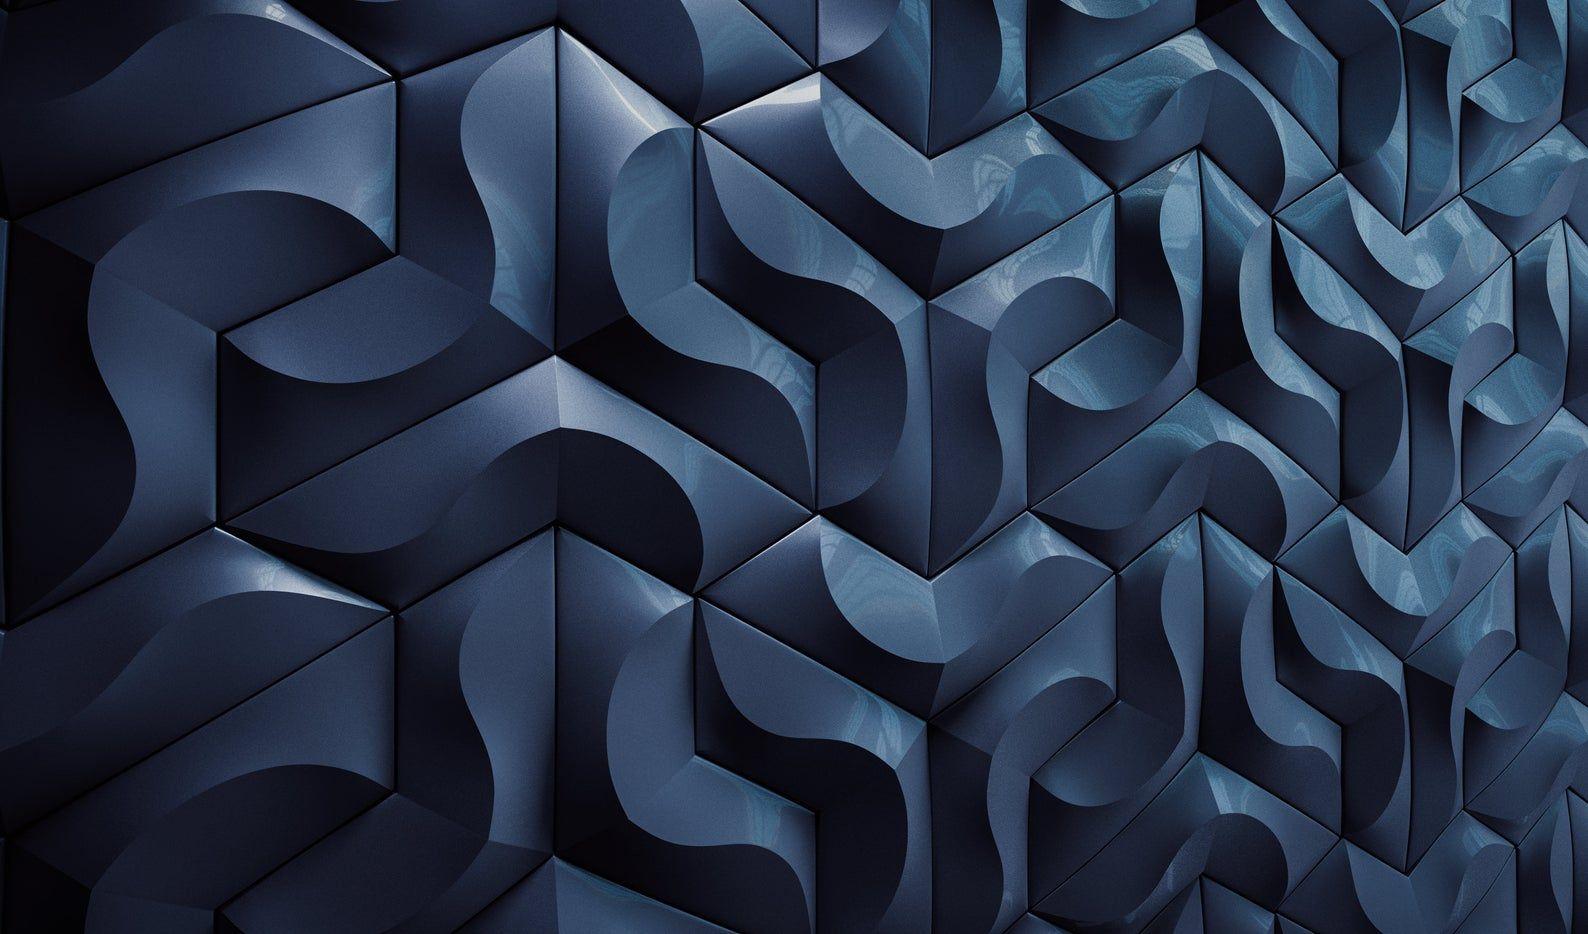 Dekorative Wandpaneele 3d Wandpaneele Kunststoff Form Fur Die